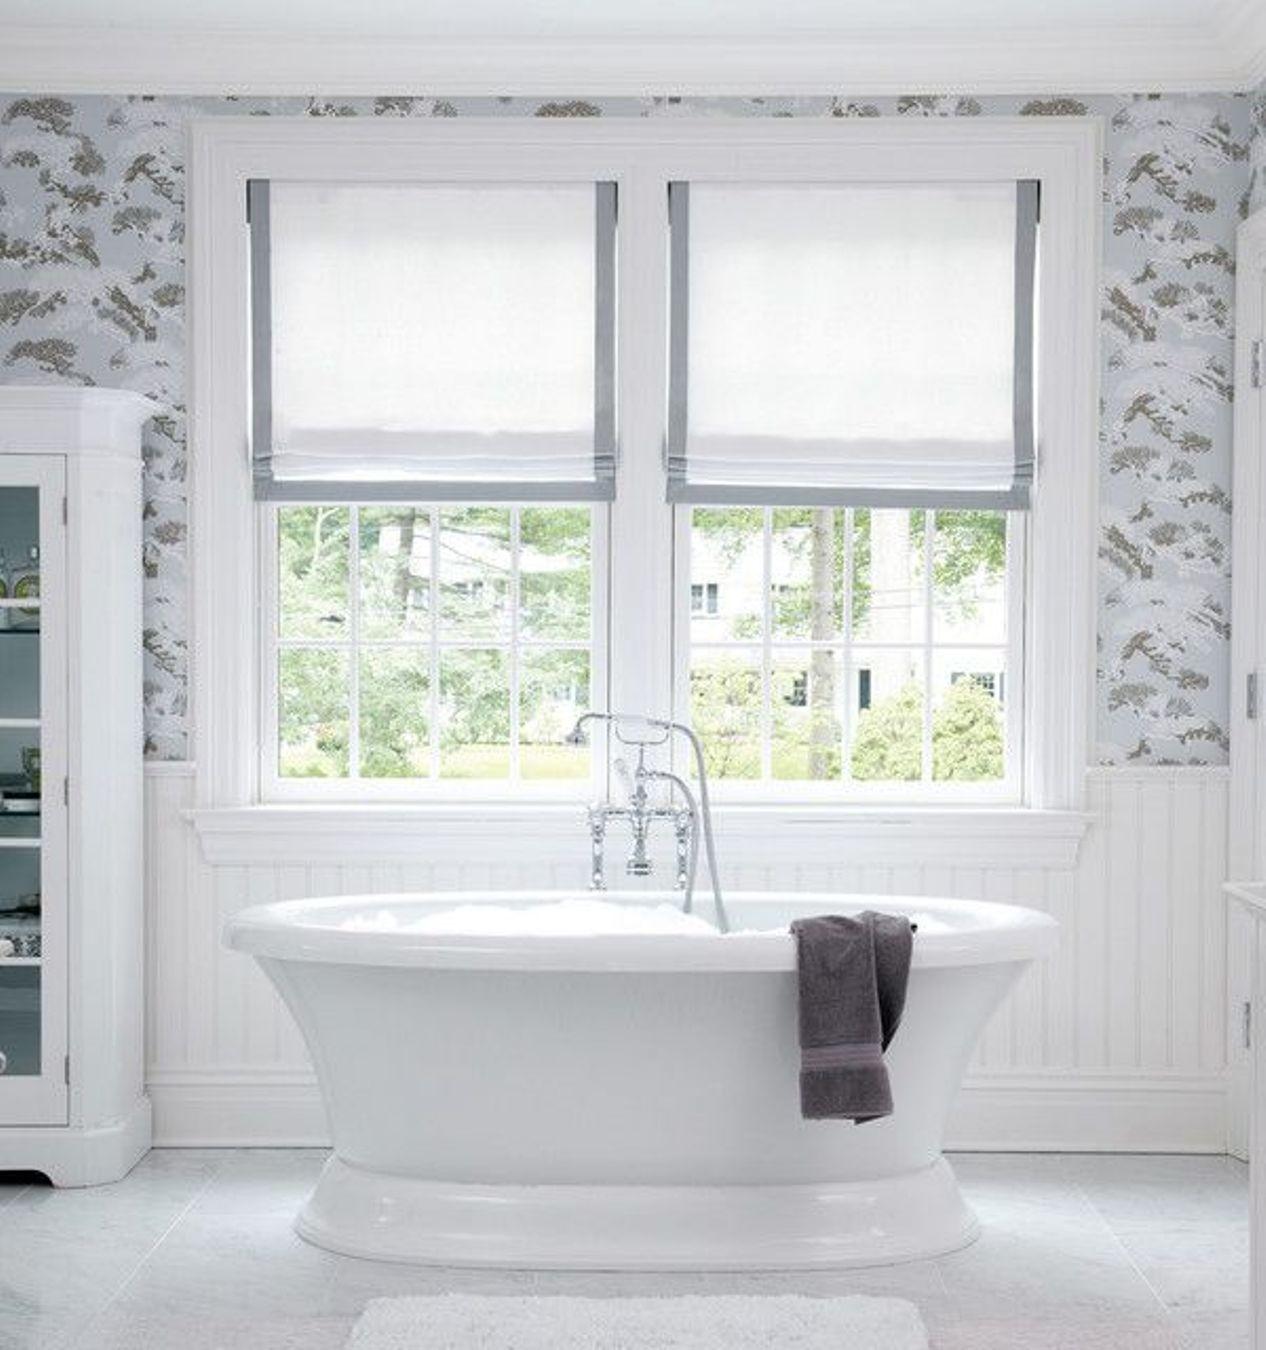 Comment Bien Choisir La Fenêtre De Sa Salle De Bain Petite - Petite fenetre salle de bain